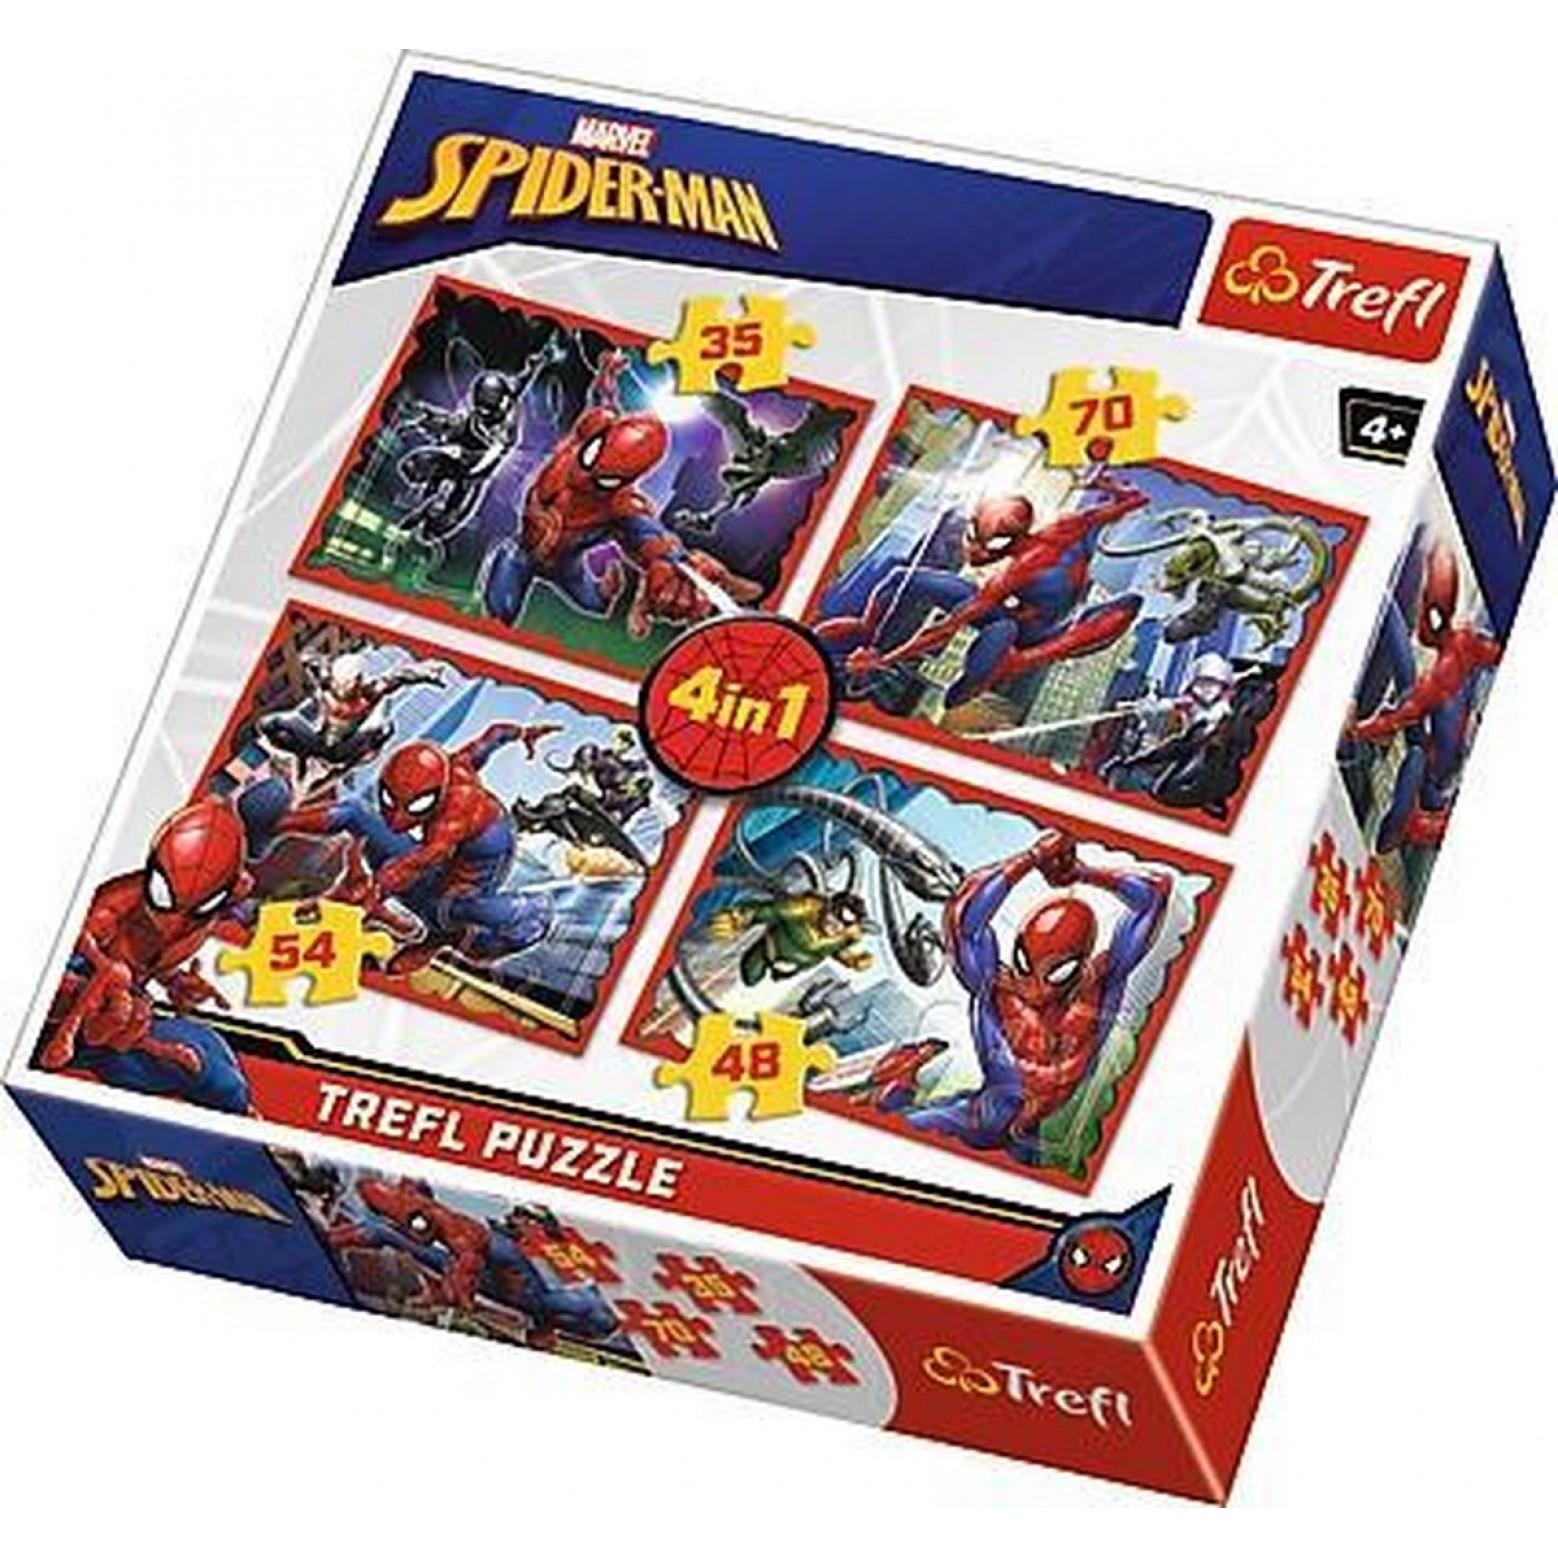 Spiderman puzzel 4 in 1 vanaf 4 jaar